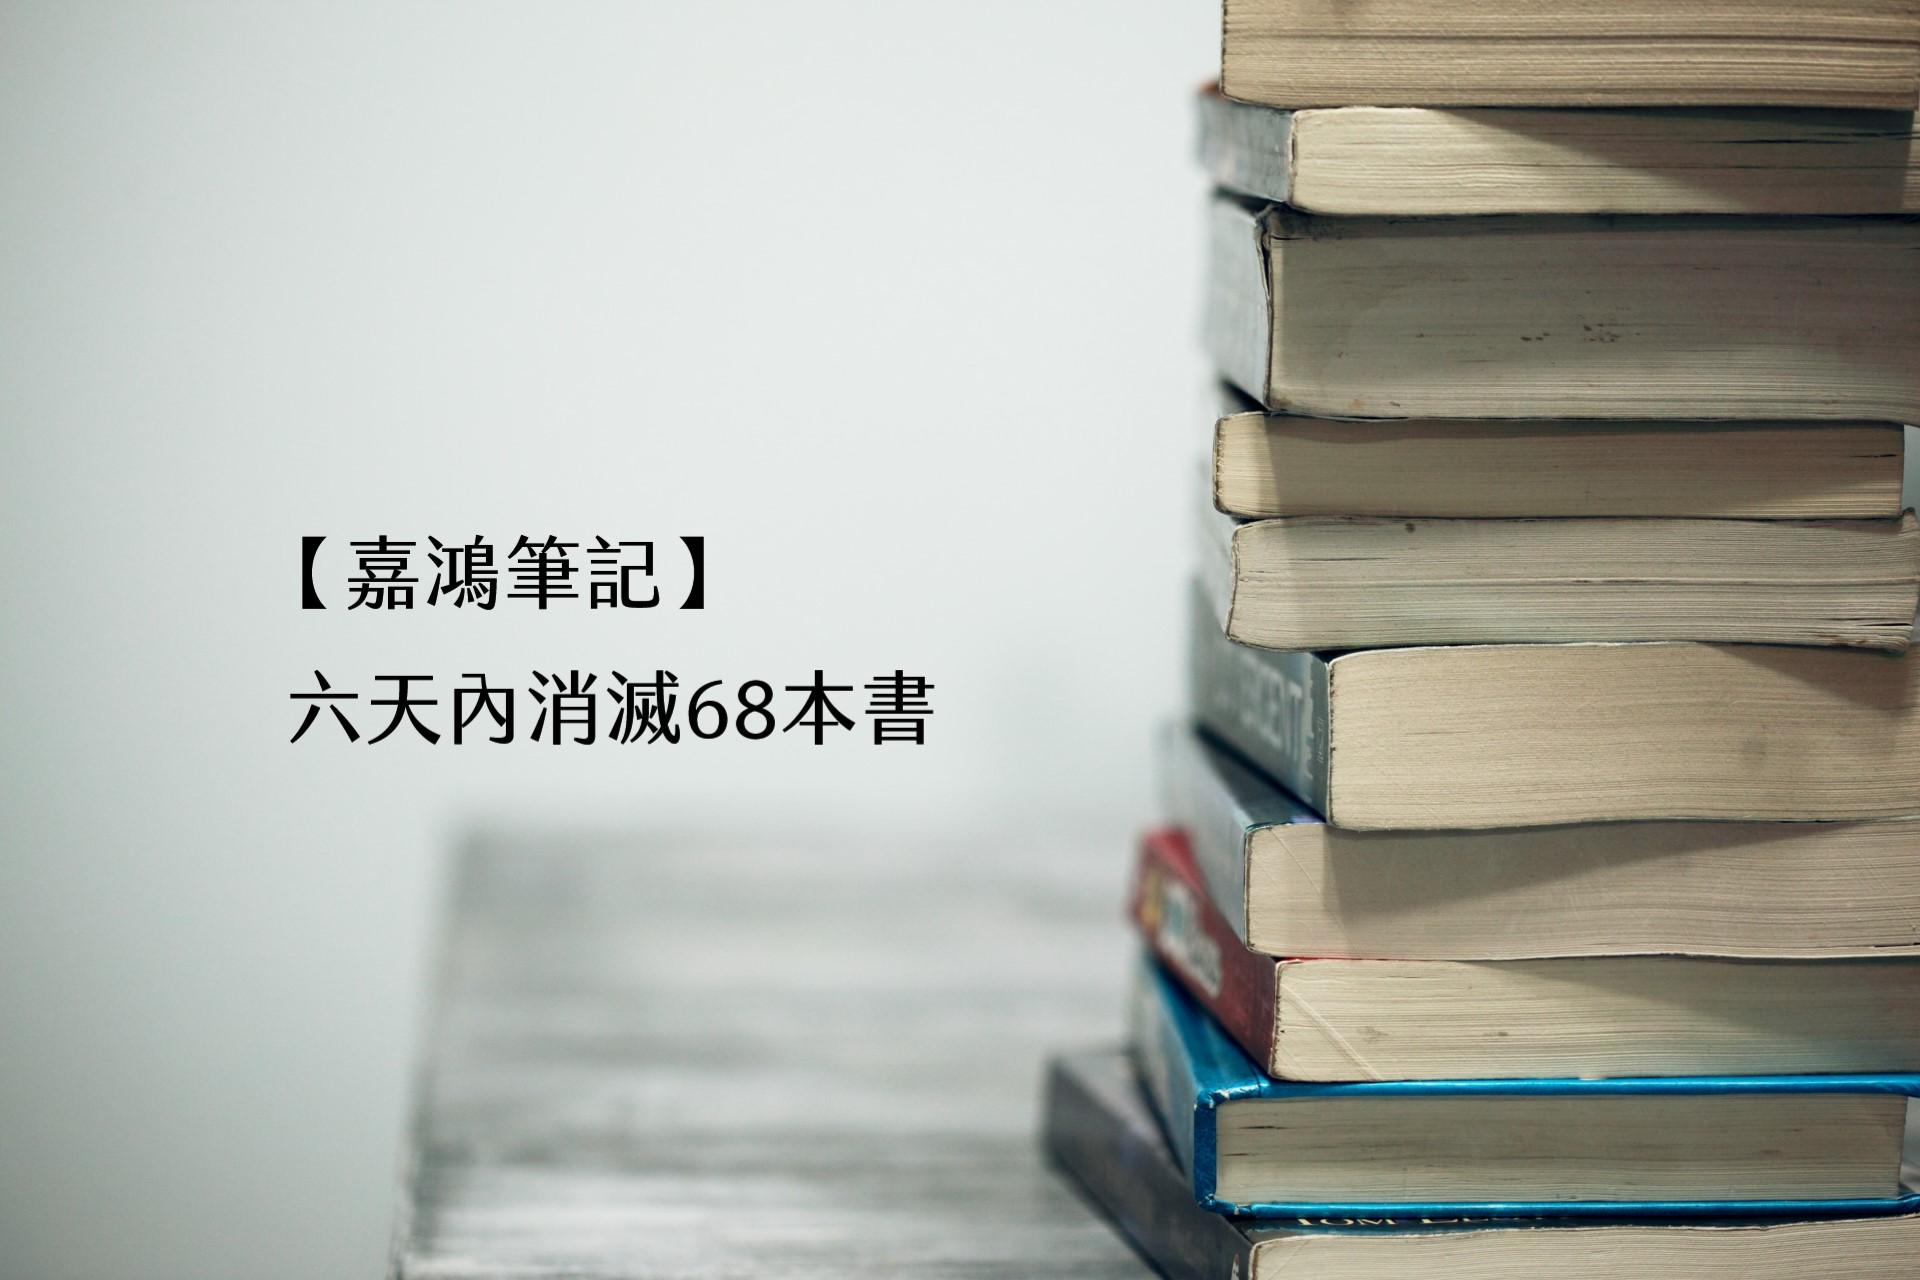 【嘉鴻筆記】快速讀書法-六天內消滅68本書 3